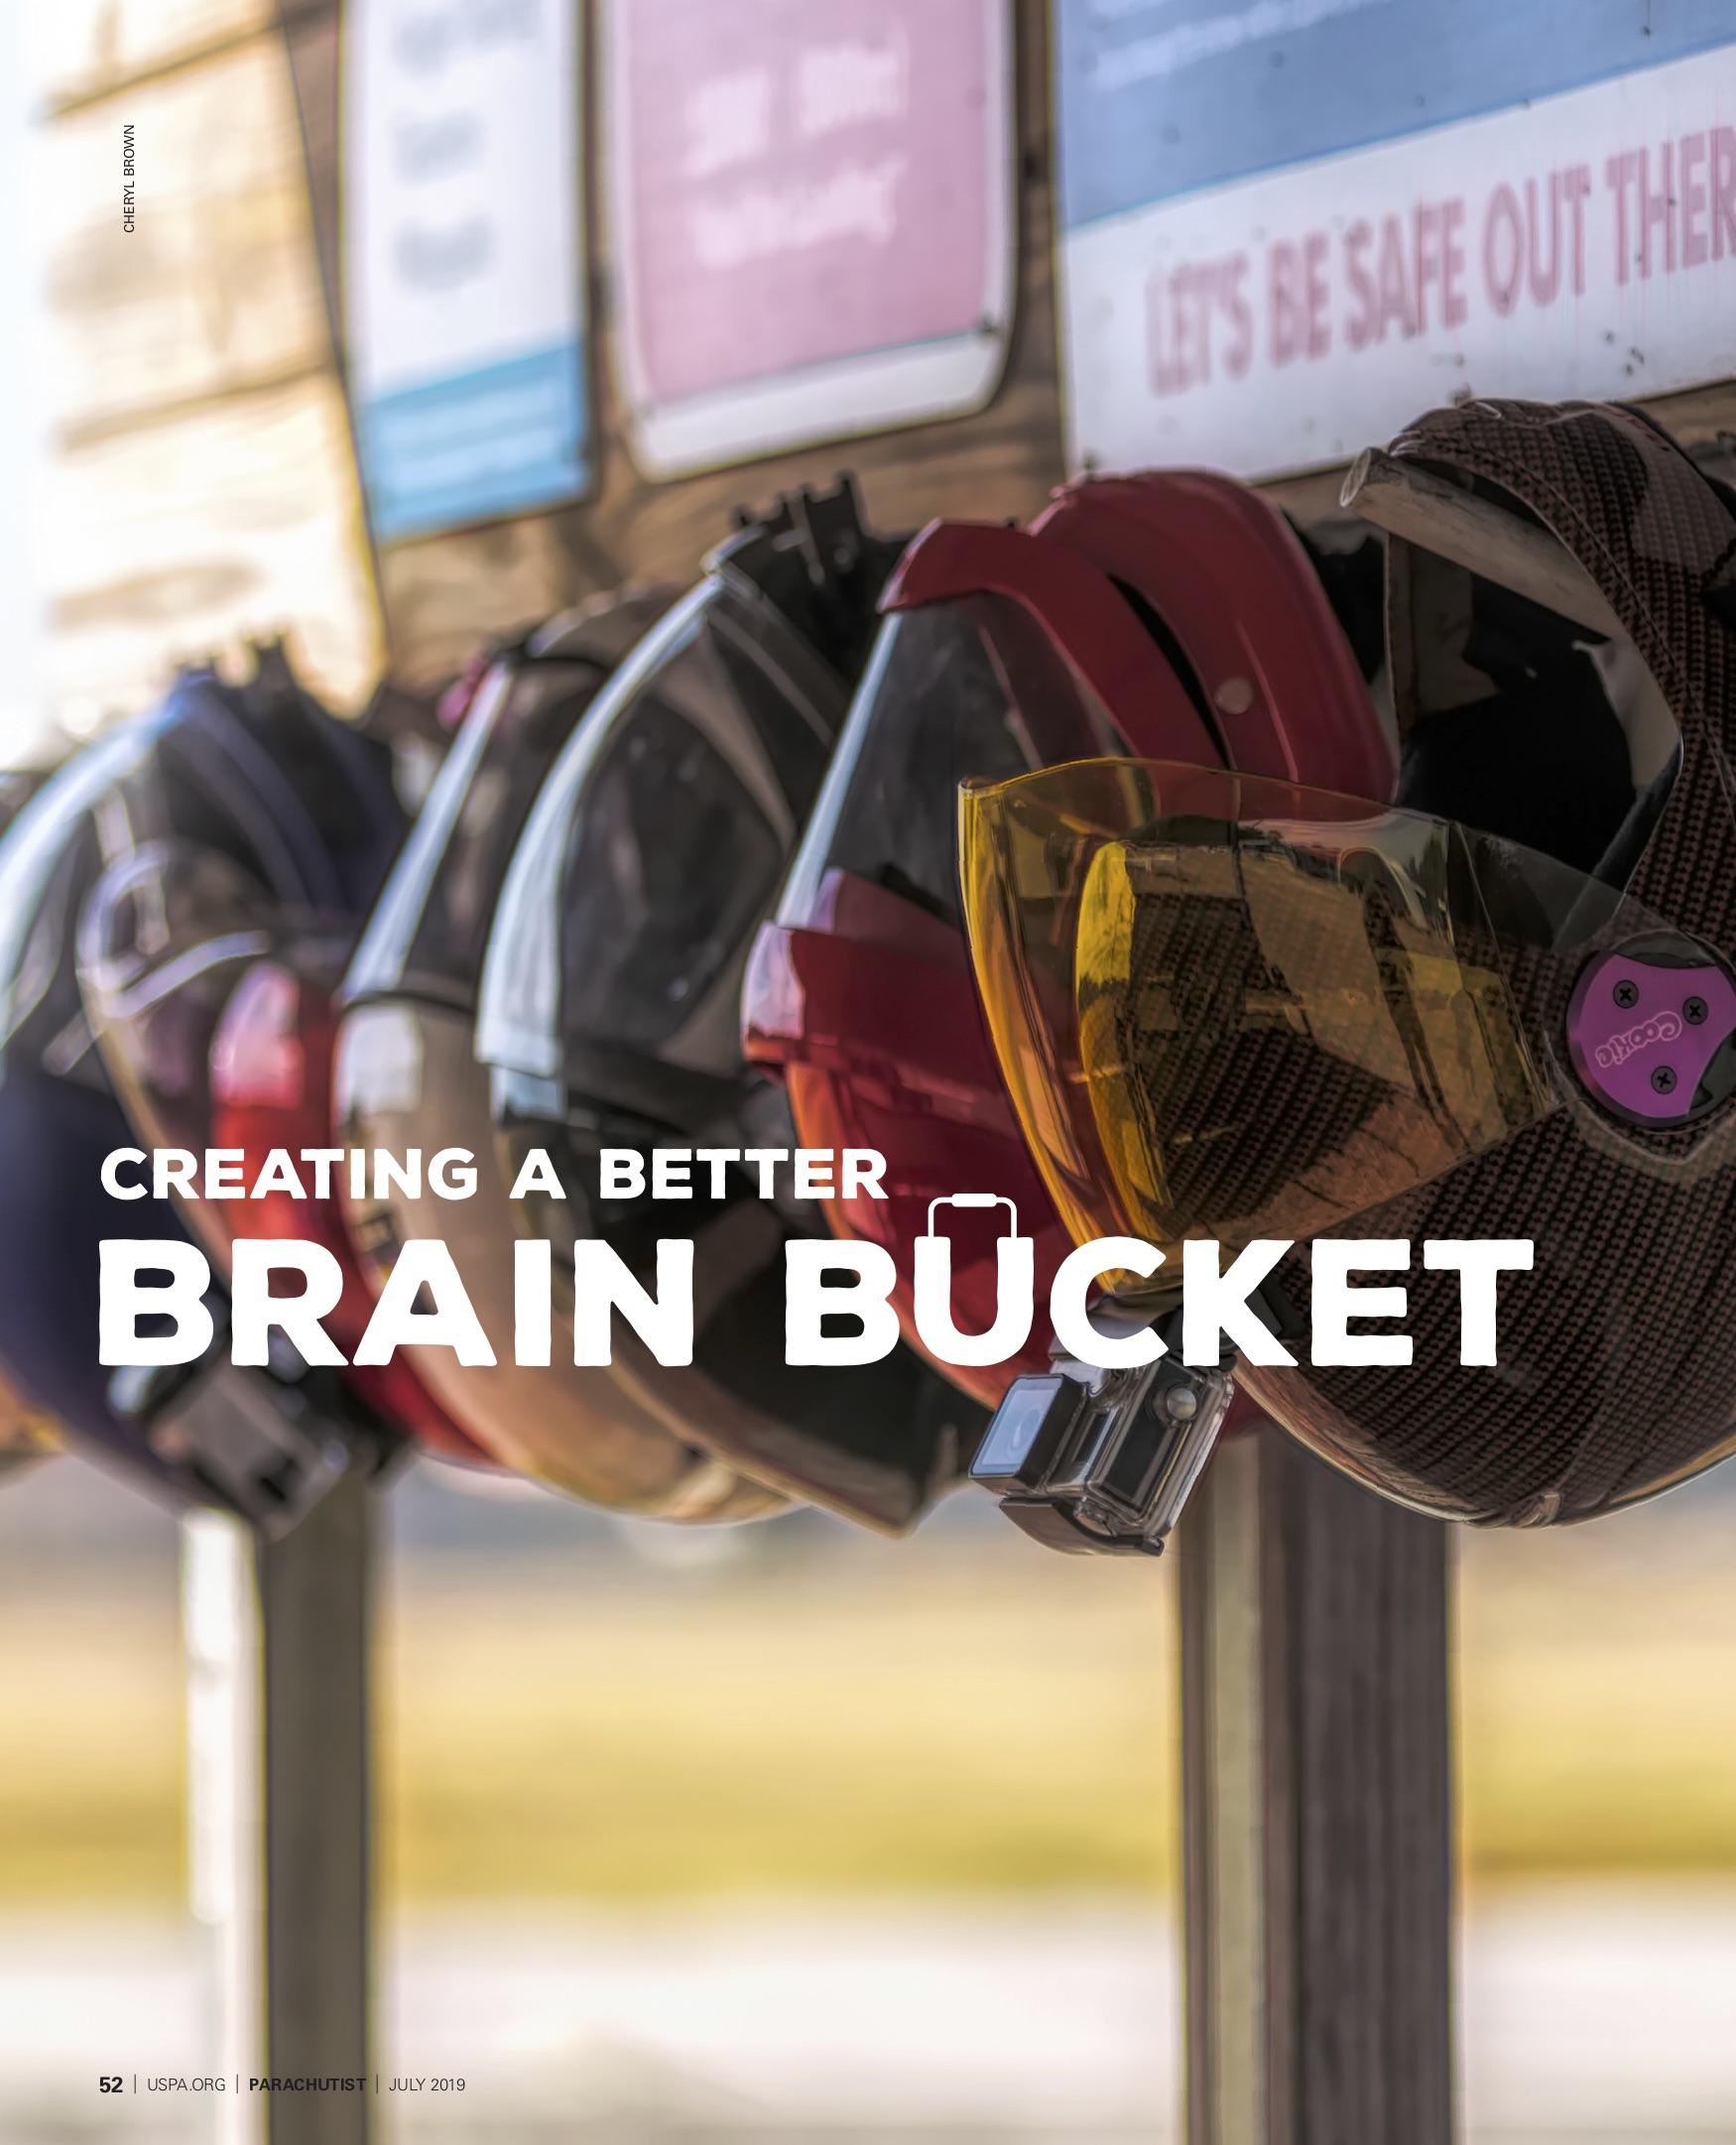 Building a Better Brain Bucket